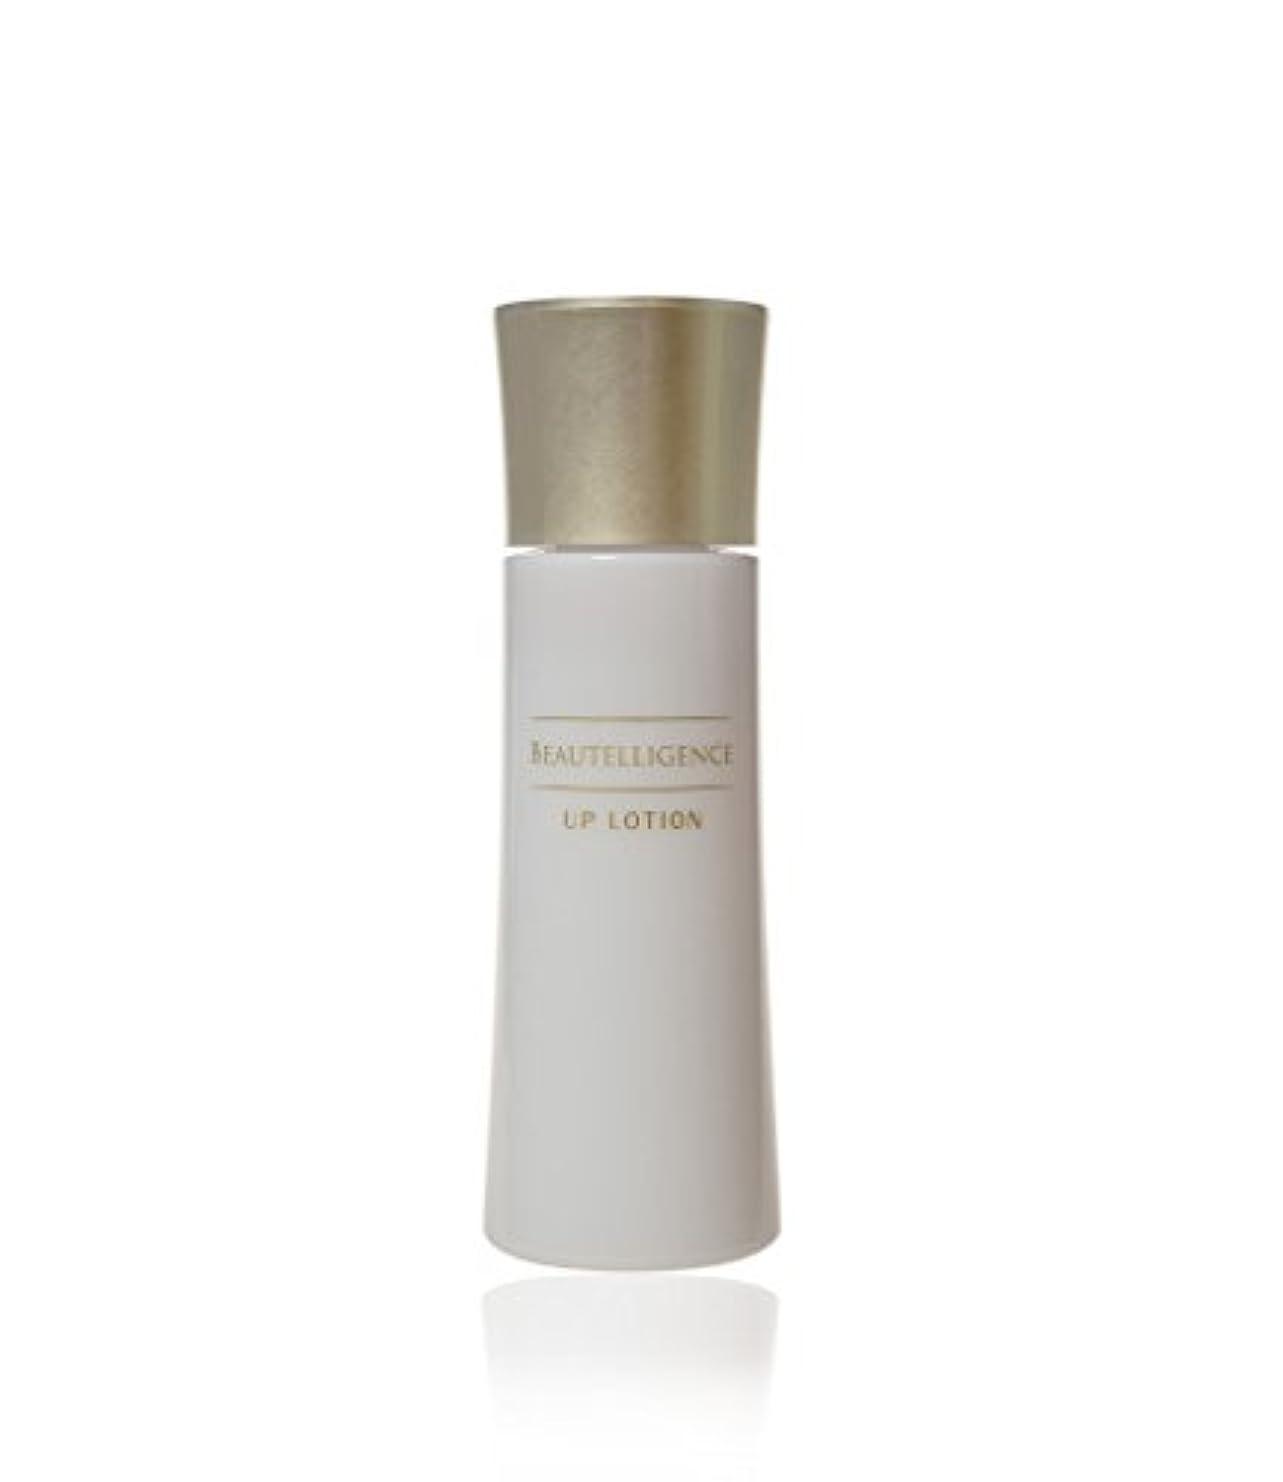 特別な南方のアパル[ アップローション ] ひきしめ 化粧水 美容液 ハリ NEWA オシリフト グリシルグリシン エイジングケア